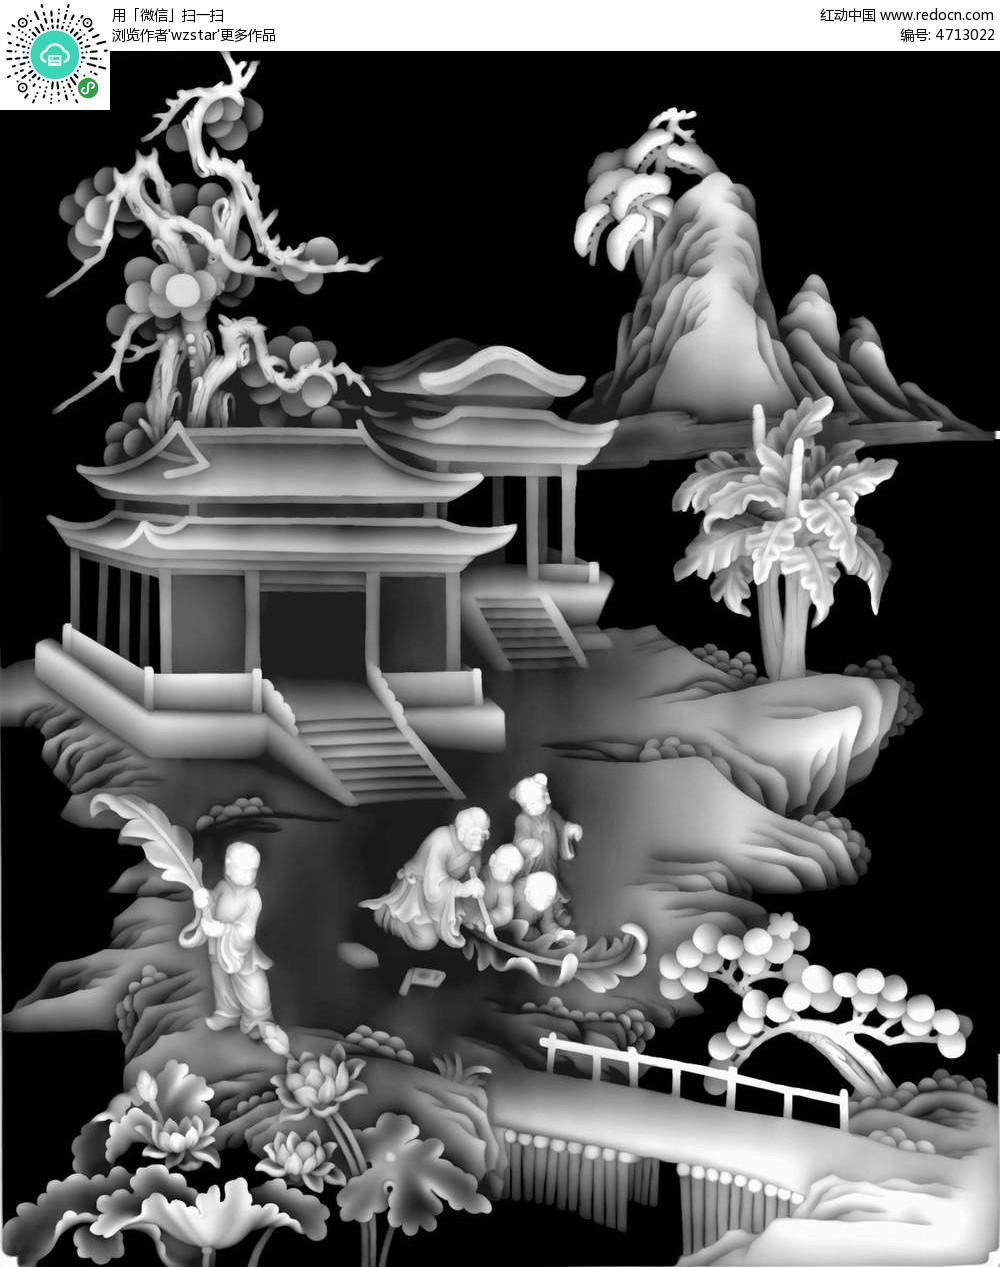 中国古代建筑人物精雕图图片